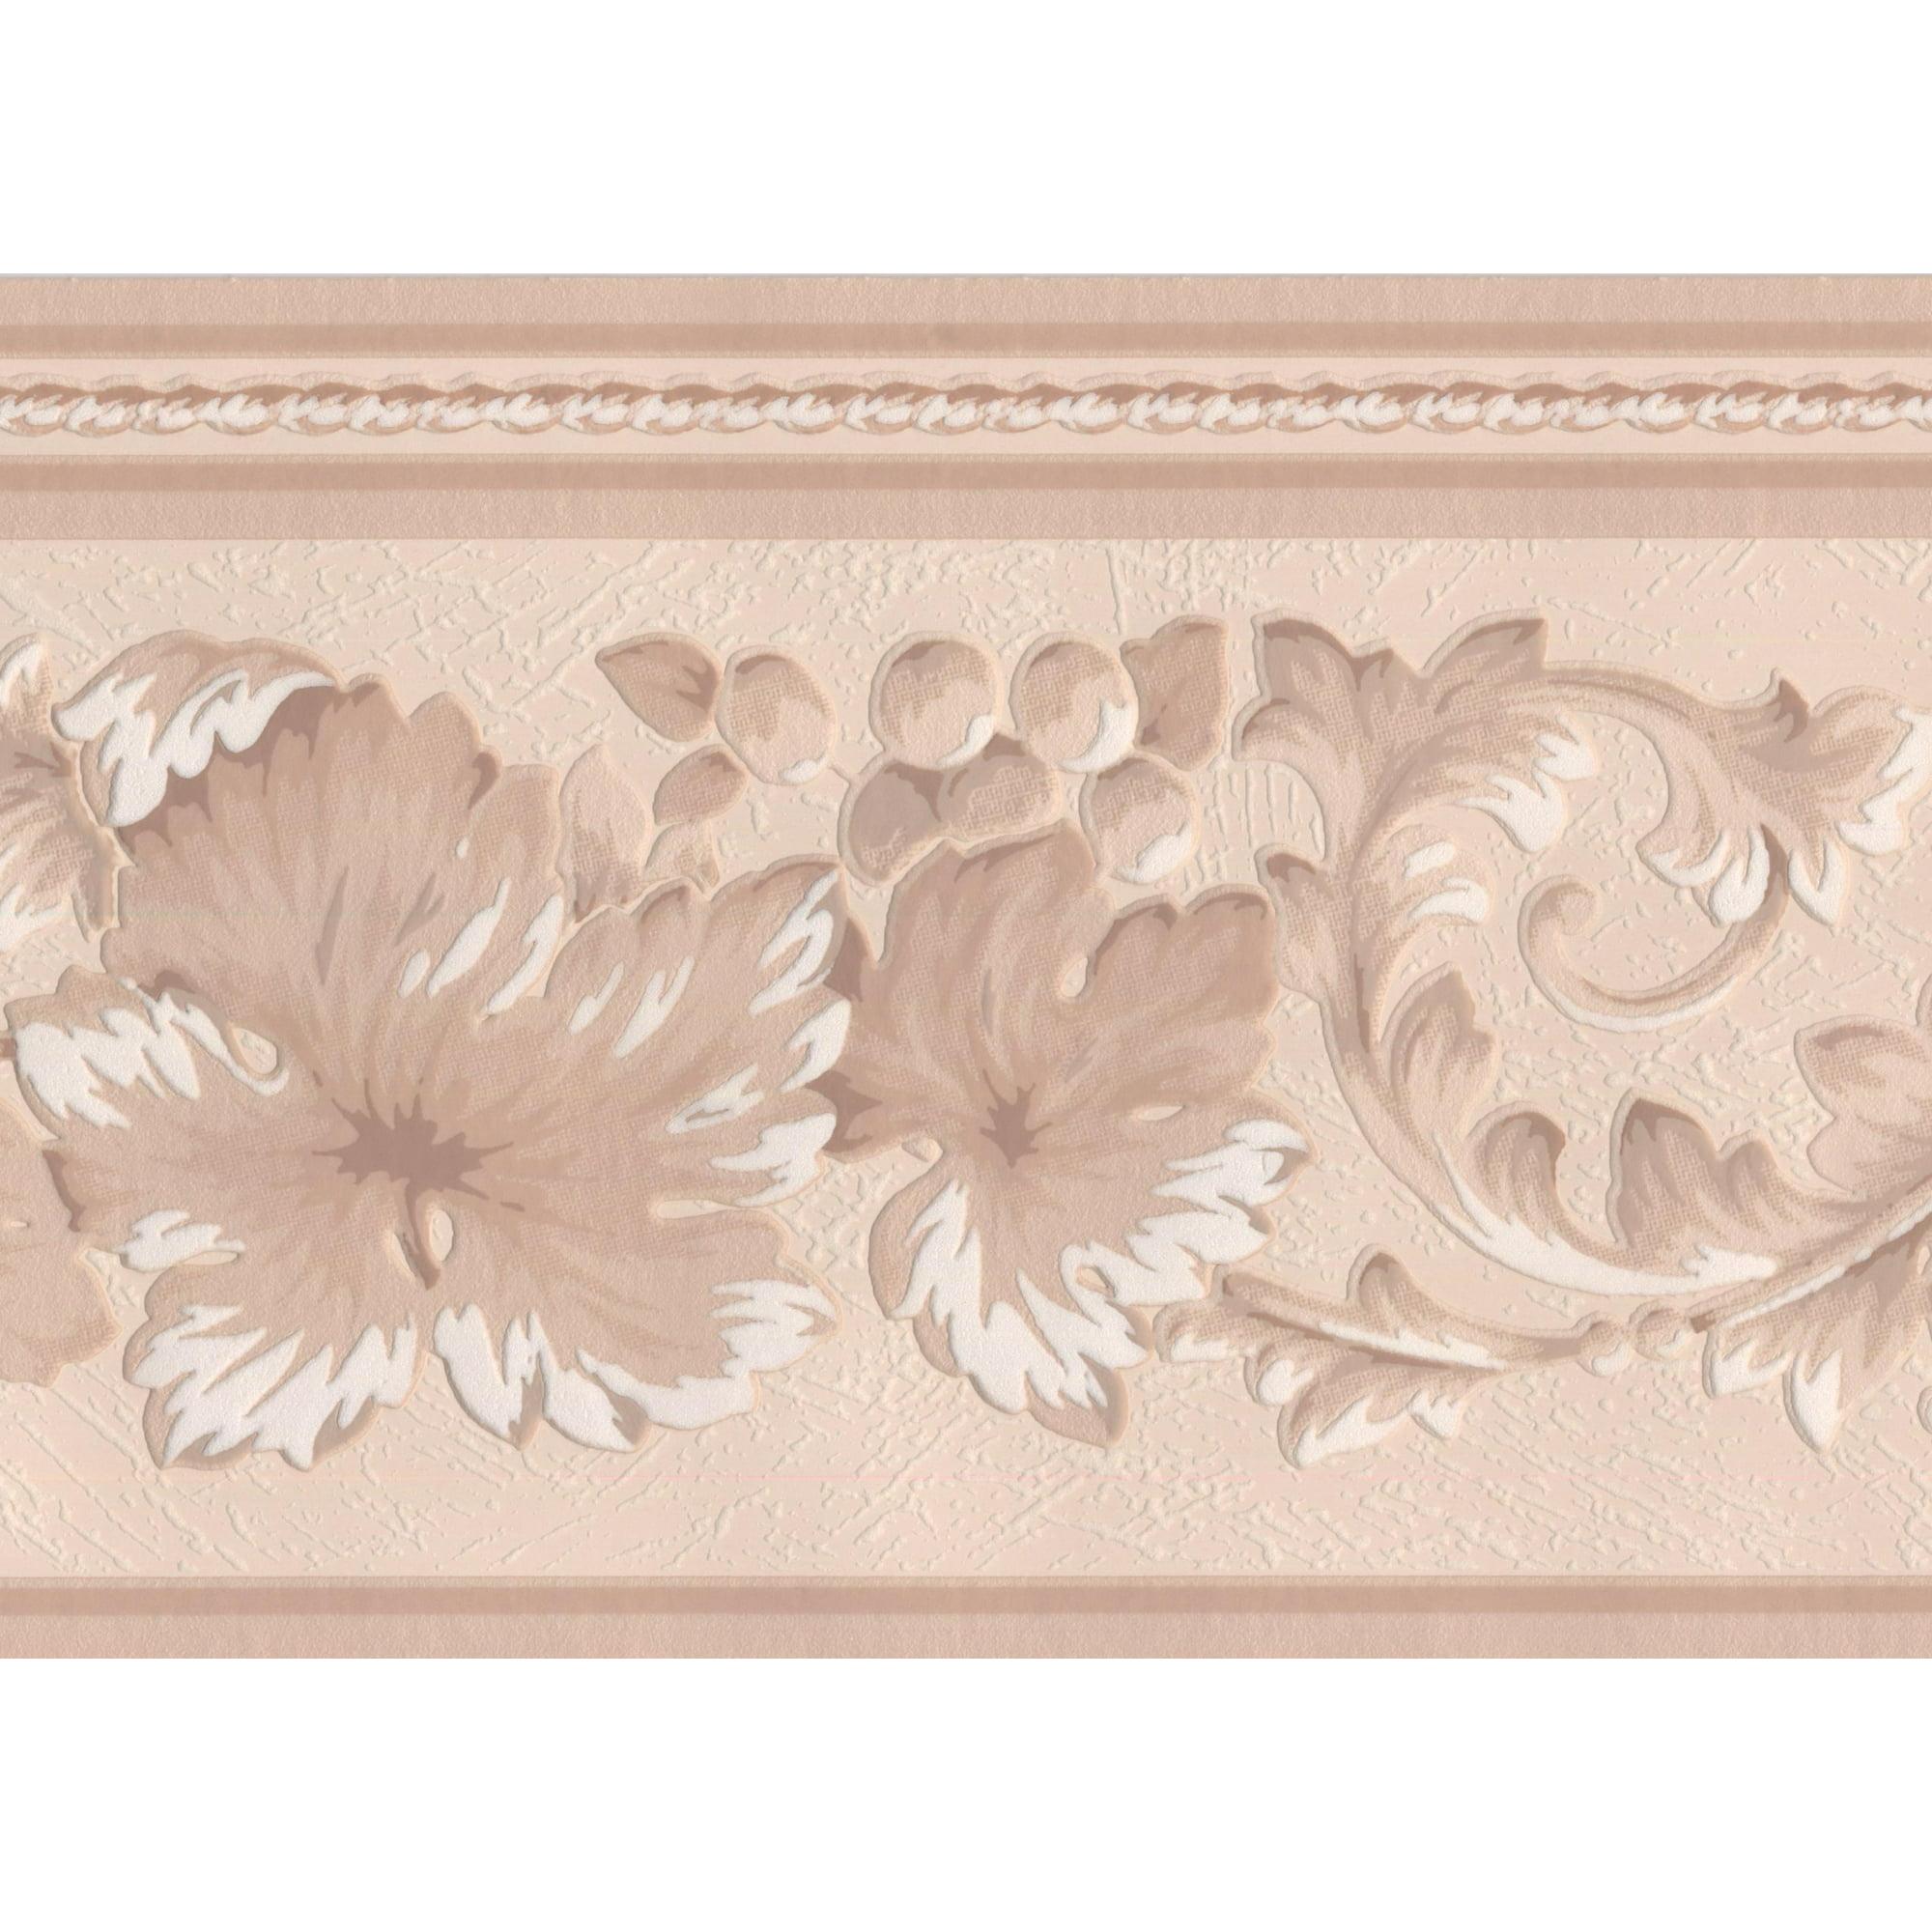 Beige White Lace Floral Wallpaper Border Retro Design Roll 15 X 7